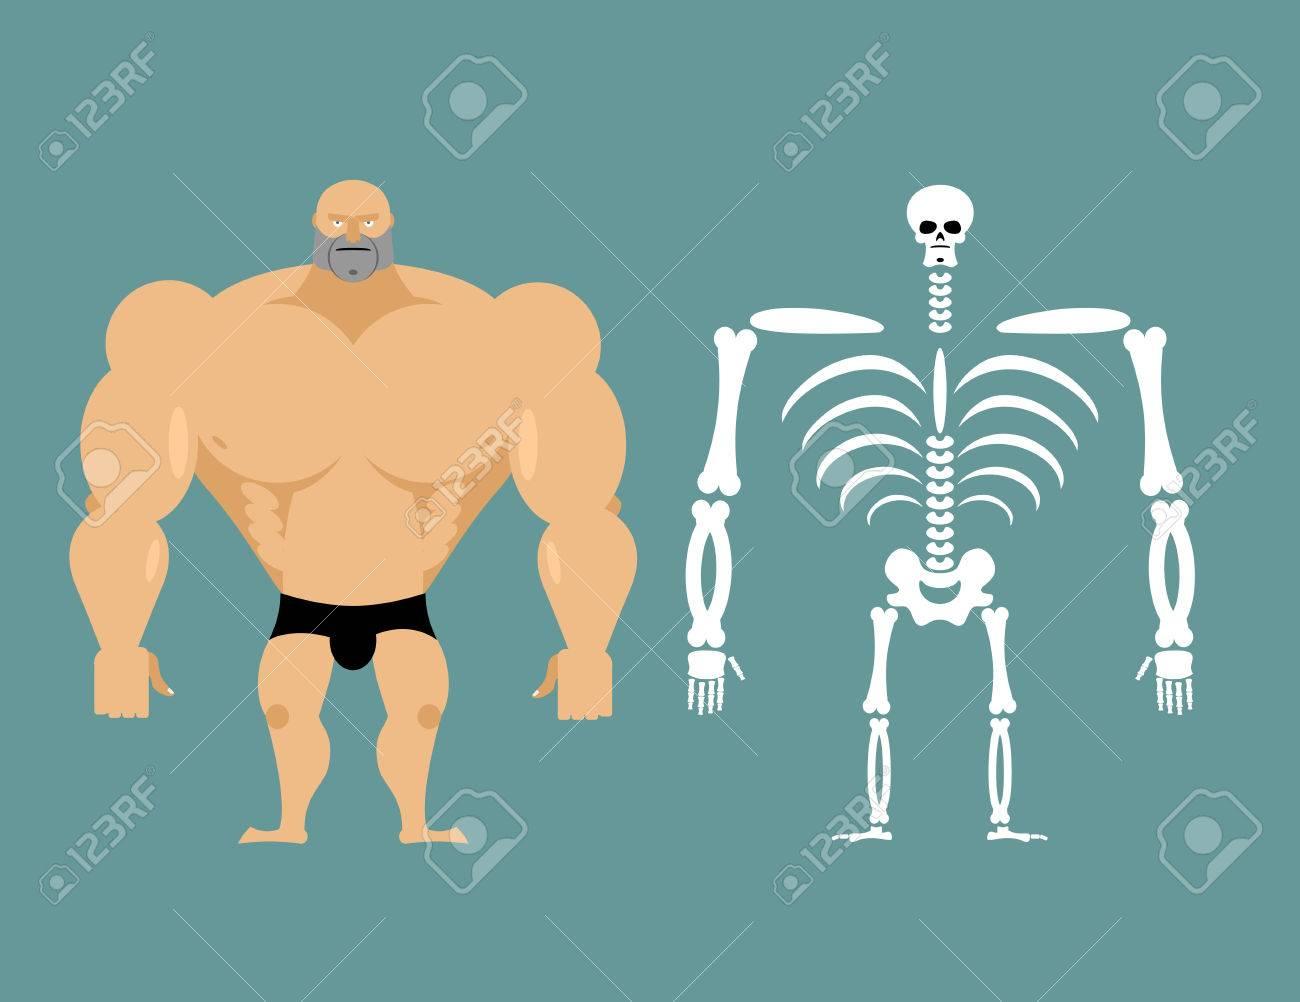 Menschliche Struktur. Skeleton Männer. Bau Von Athleten. Knochen Und ...